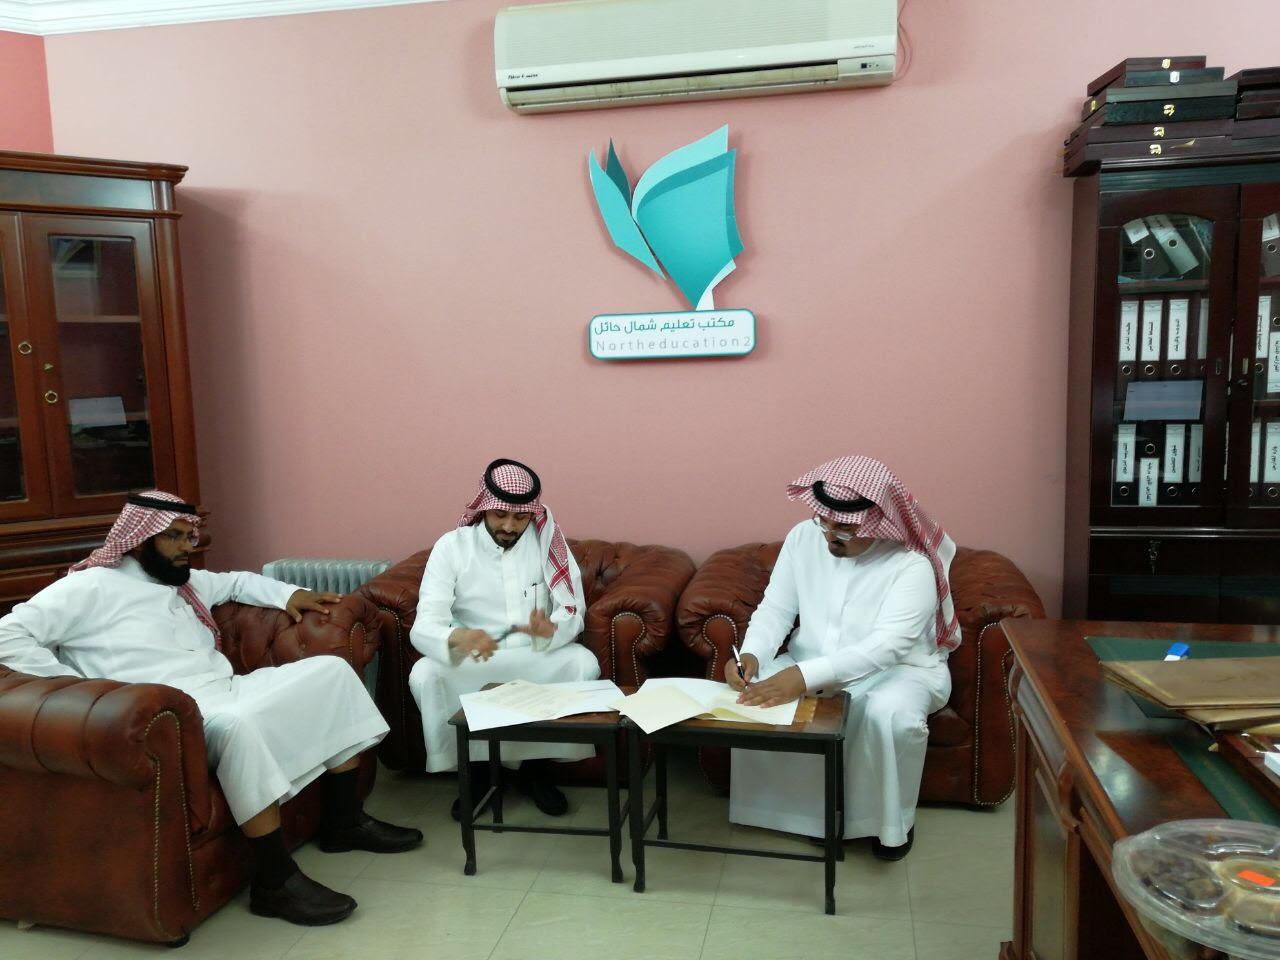 مكتب تعليم شمال حائل يوقع اتفاقية شراكة مجتمعية مع لجنة التنمية بالخطة